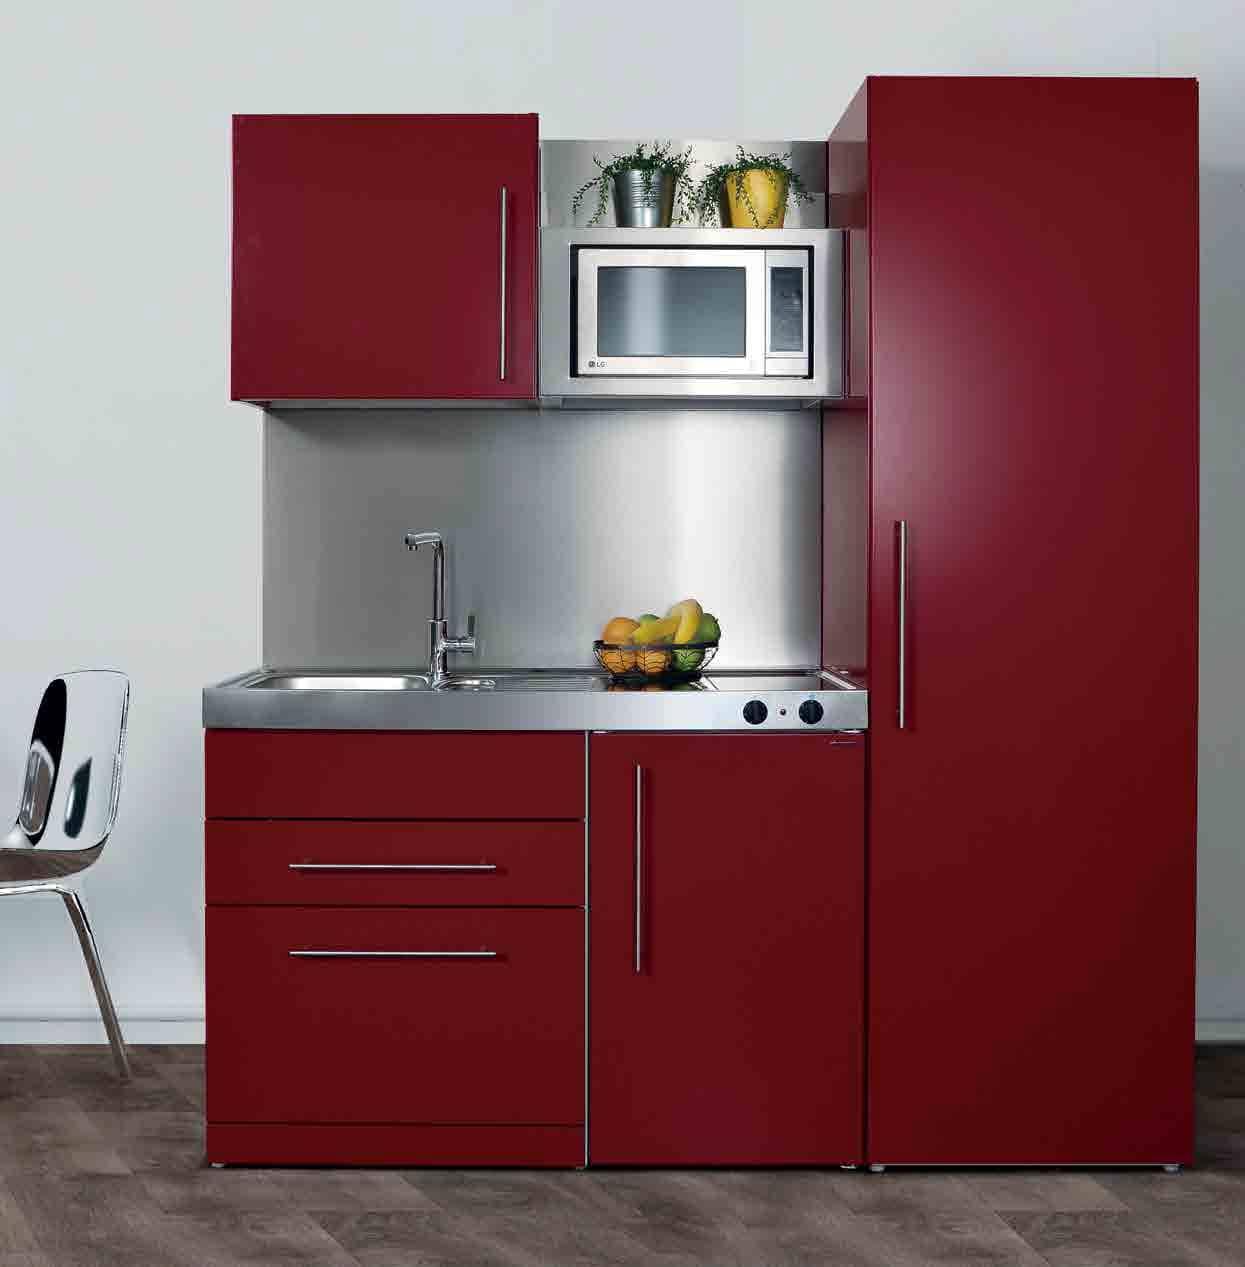 Full Size of Küche Kaufen Ikea Sofa Mit Schlaffunktion Miniküche Kosten Modulküche Betten 160x200 Bei Kühlschrank Stengel Wohnzimmer Miniküche Ikea